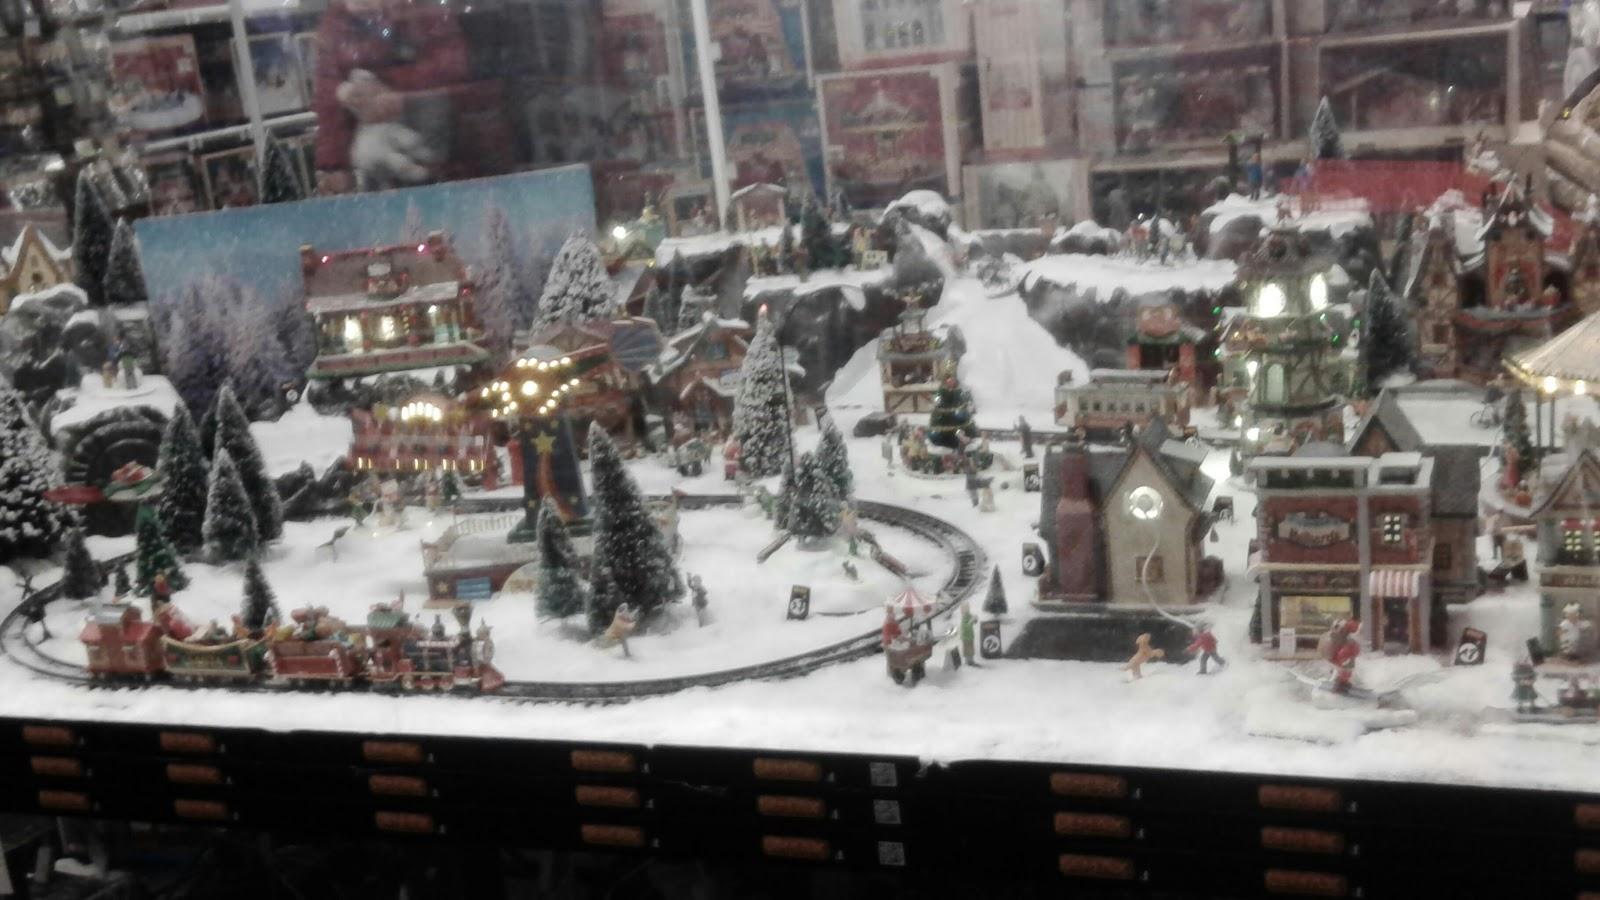 #604B48 Mes 3 Loulous: Décoration De Noël Chez Truffaut 6089 decoration de noel truffaut 1600x900 px @ aertt.com